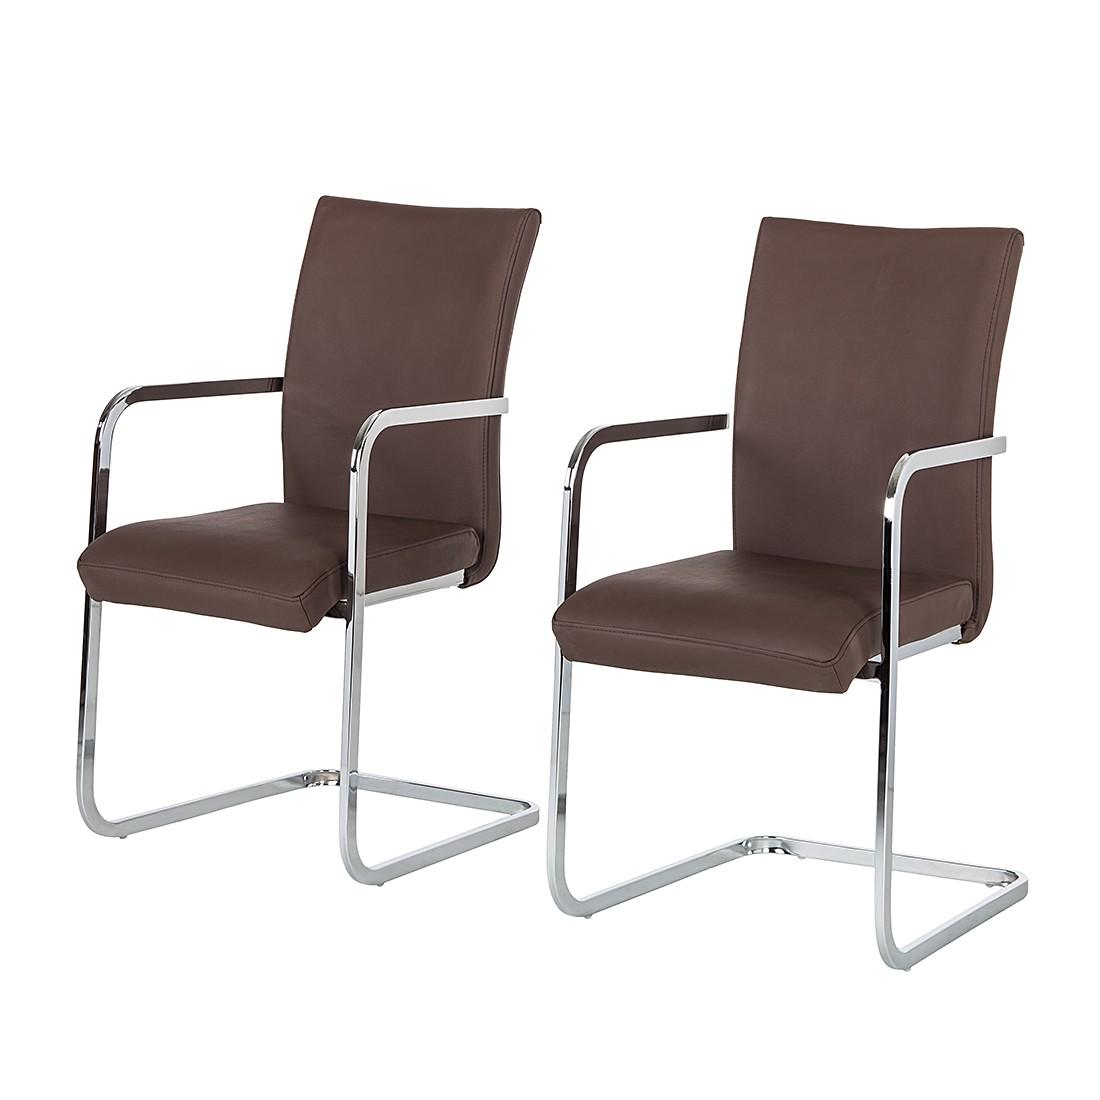 schwingstuhl mit armlehne leder preisvergleich die besten angebote online kaufen. Black Bedroom Furniture Sets. Home Design Ideas